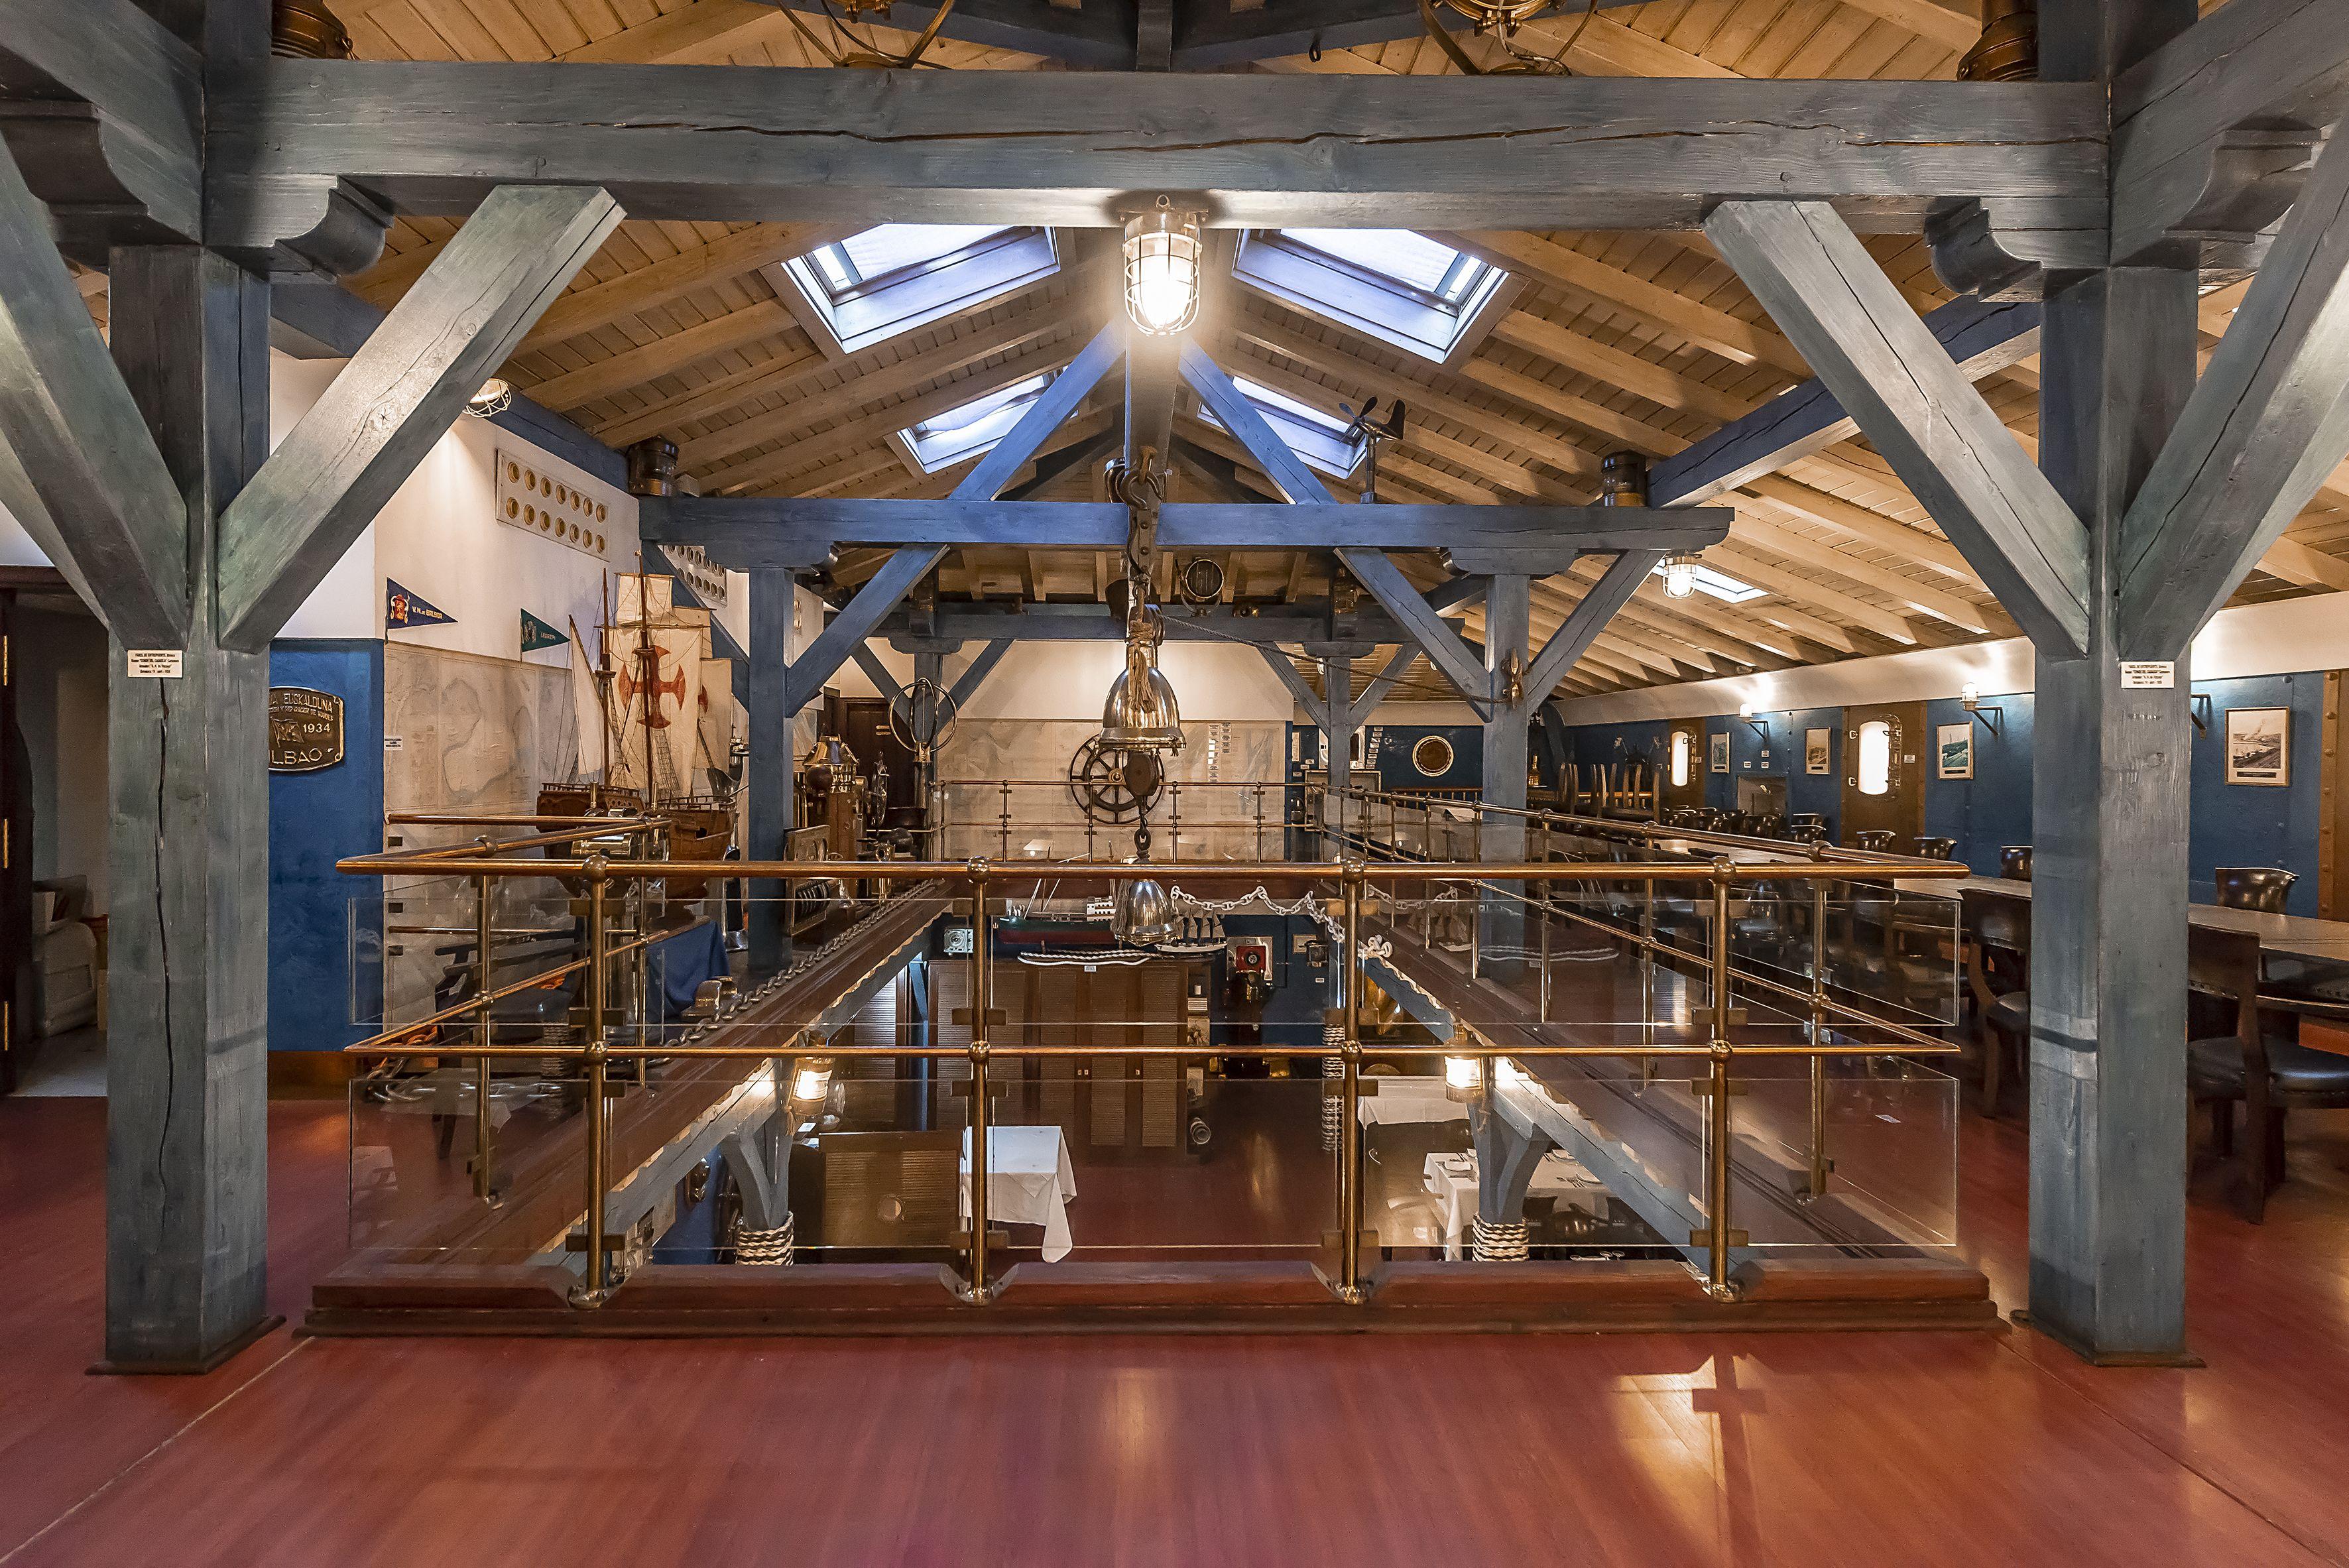 Foto 3 de Restaurante para celebraciones en  | Restaurante Untzigain - Museo el Barco